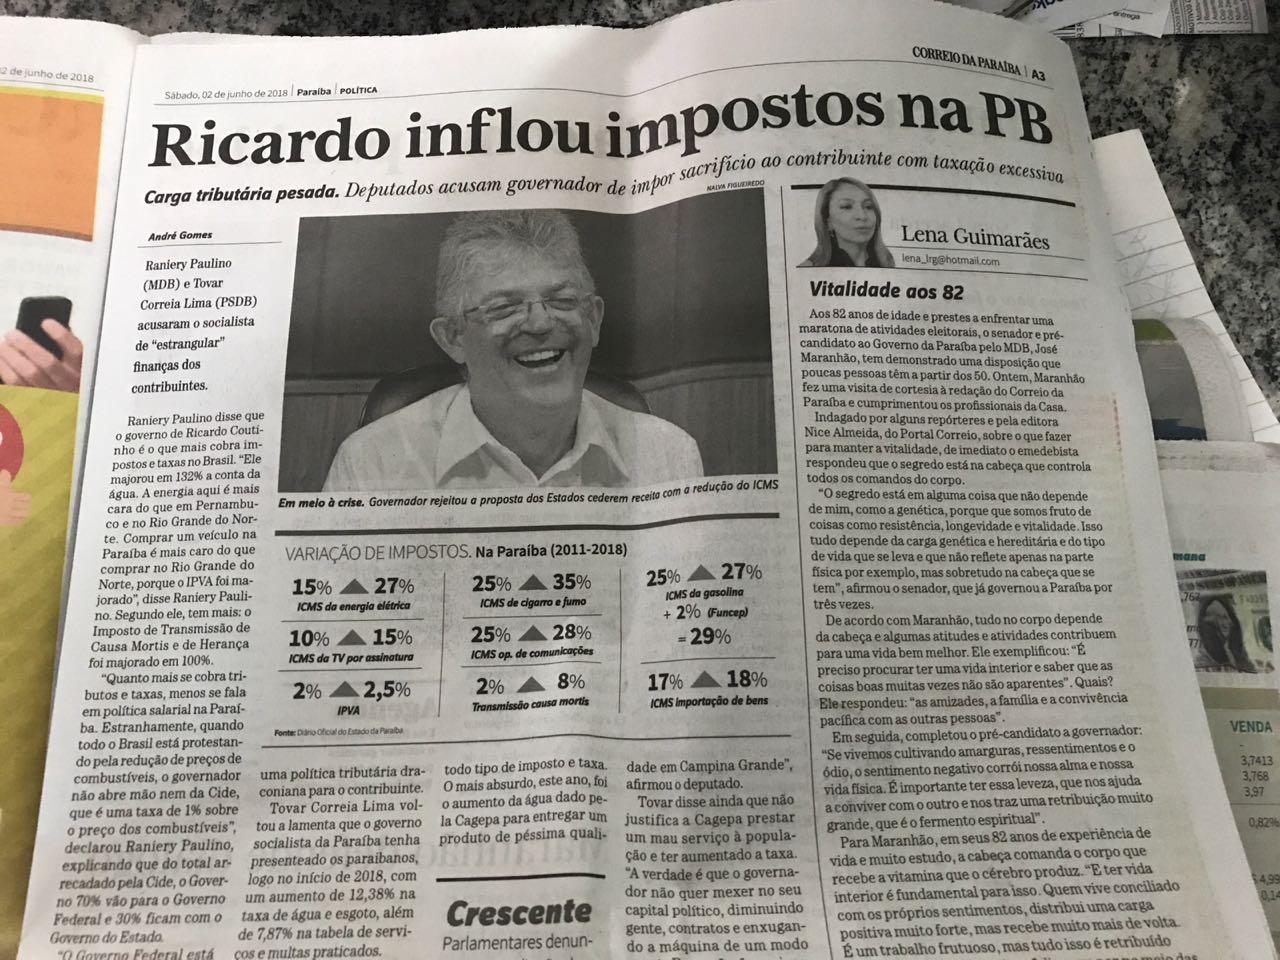 WhatsApp Image 2018 06 07 at 07.41.14 - ROBERTO JÁ ESCOLHEU UM LADO: Sistema Correio abre as 'baterias' contra o Governo Ricardo Coutinho